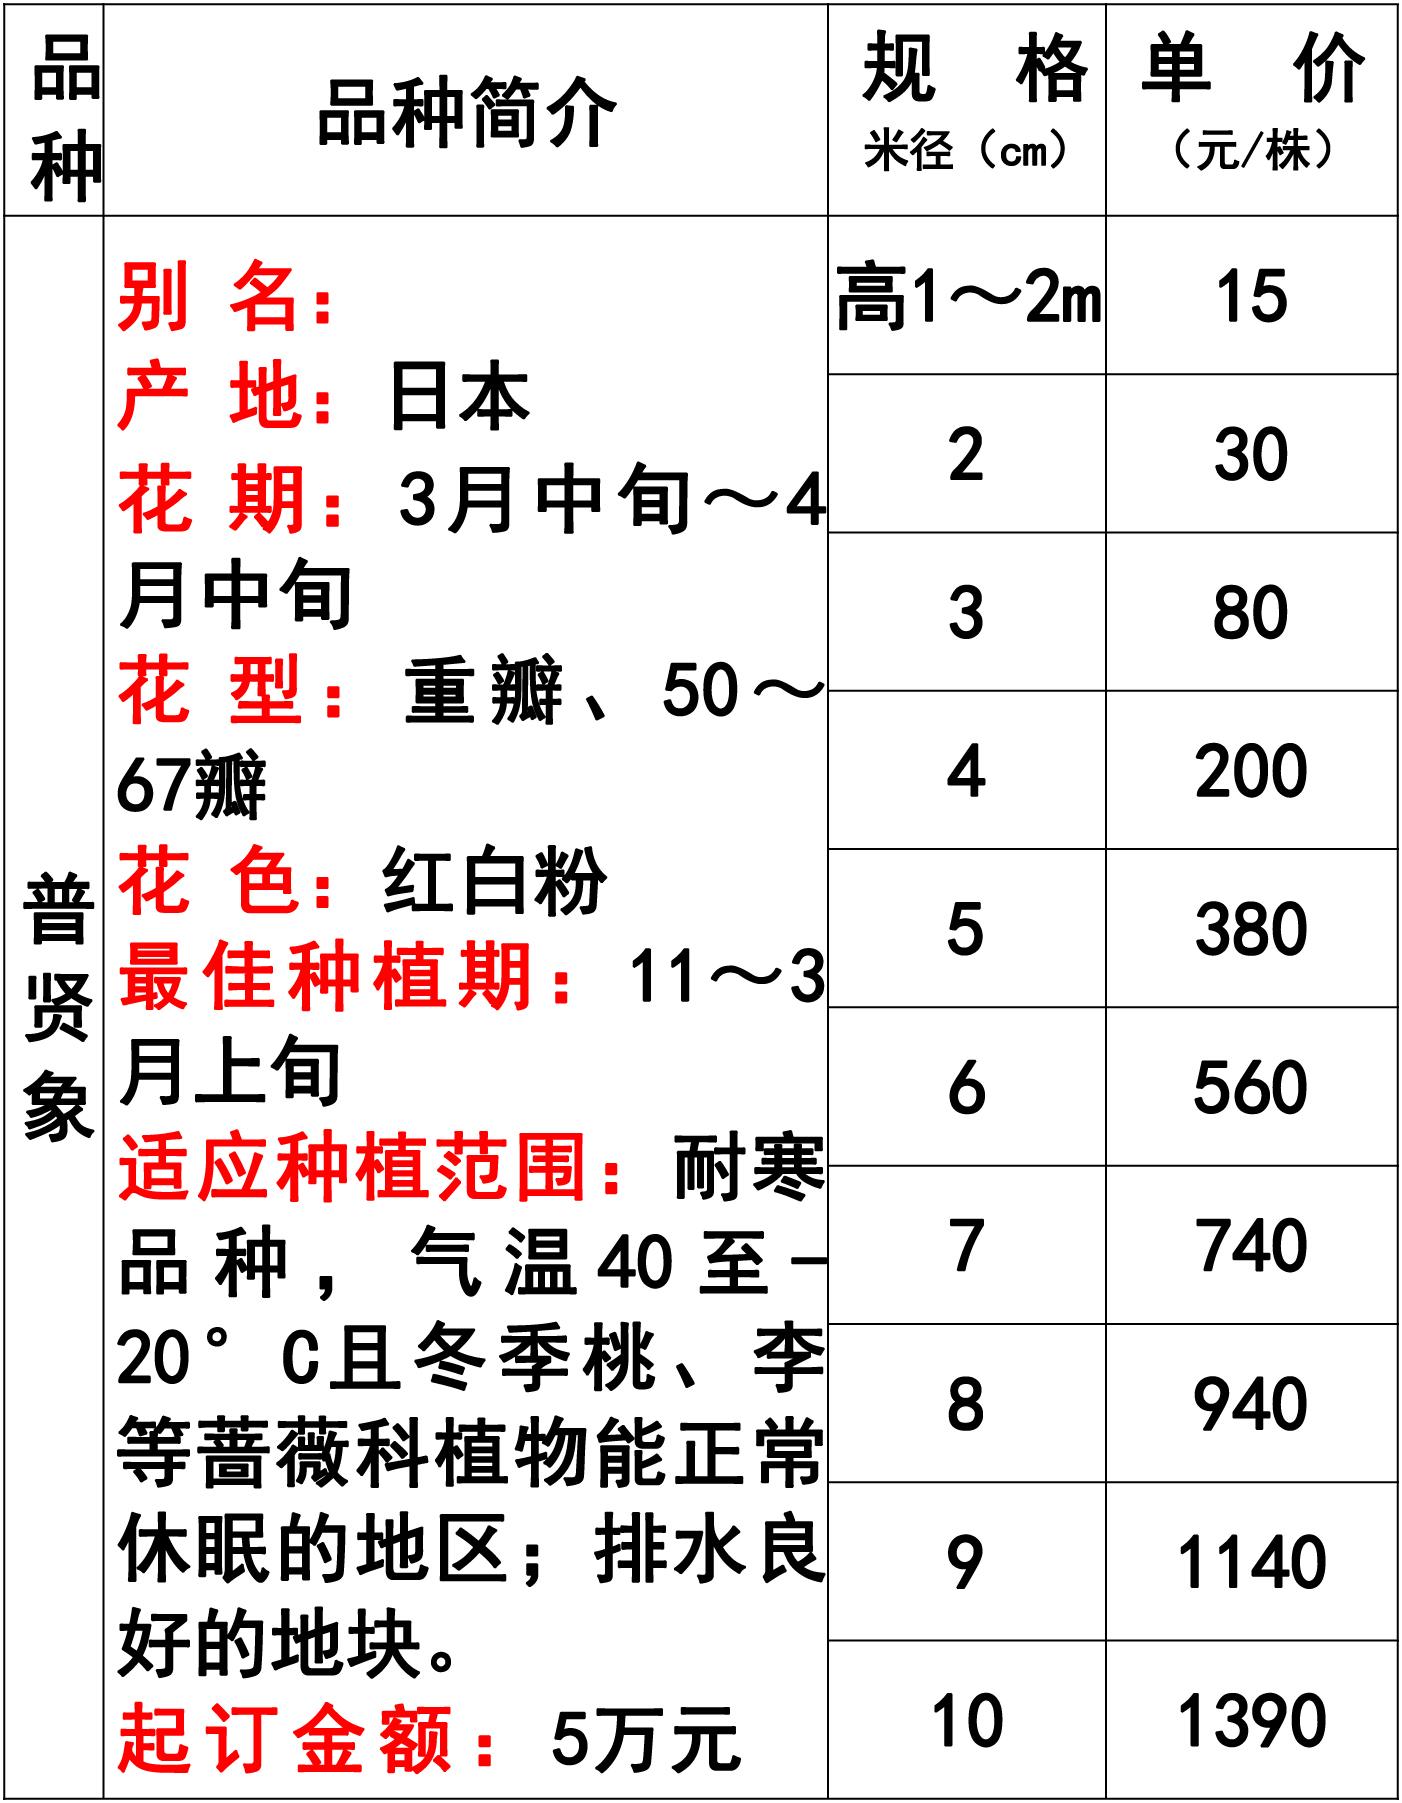 网站价格表-32 副本.jpg